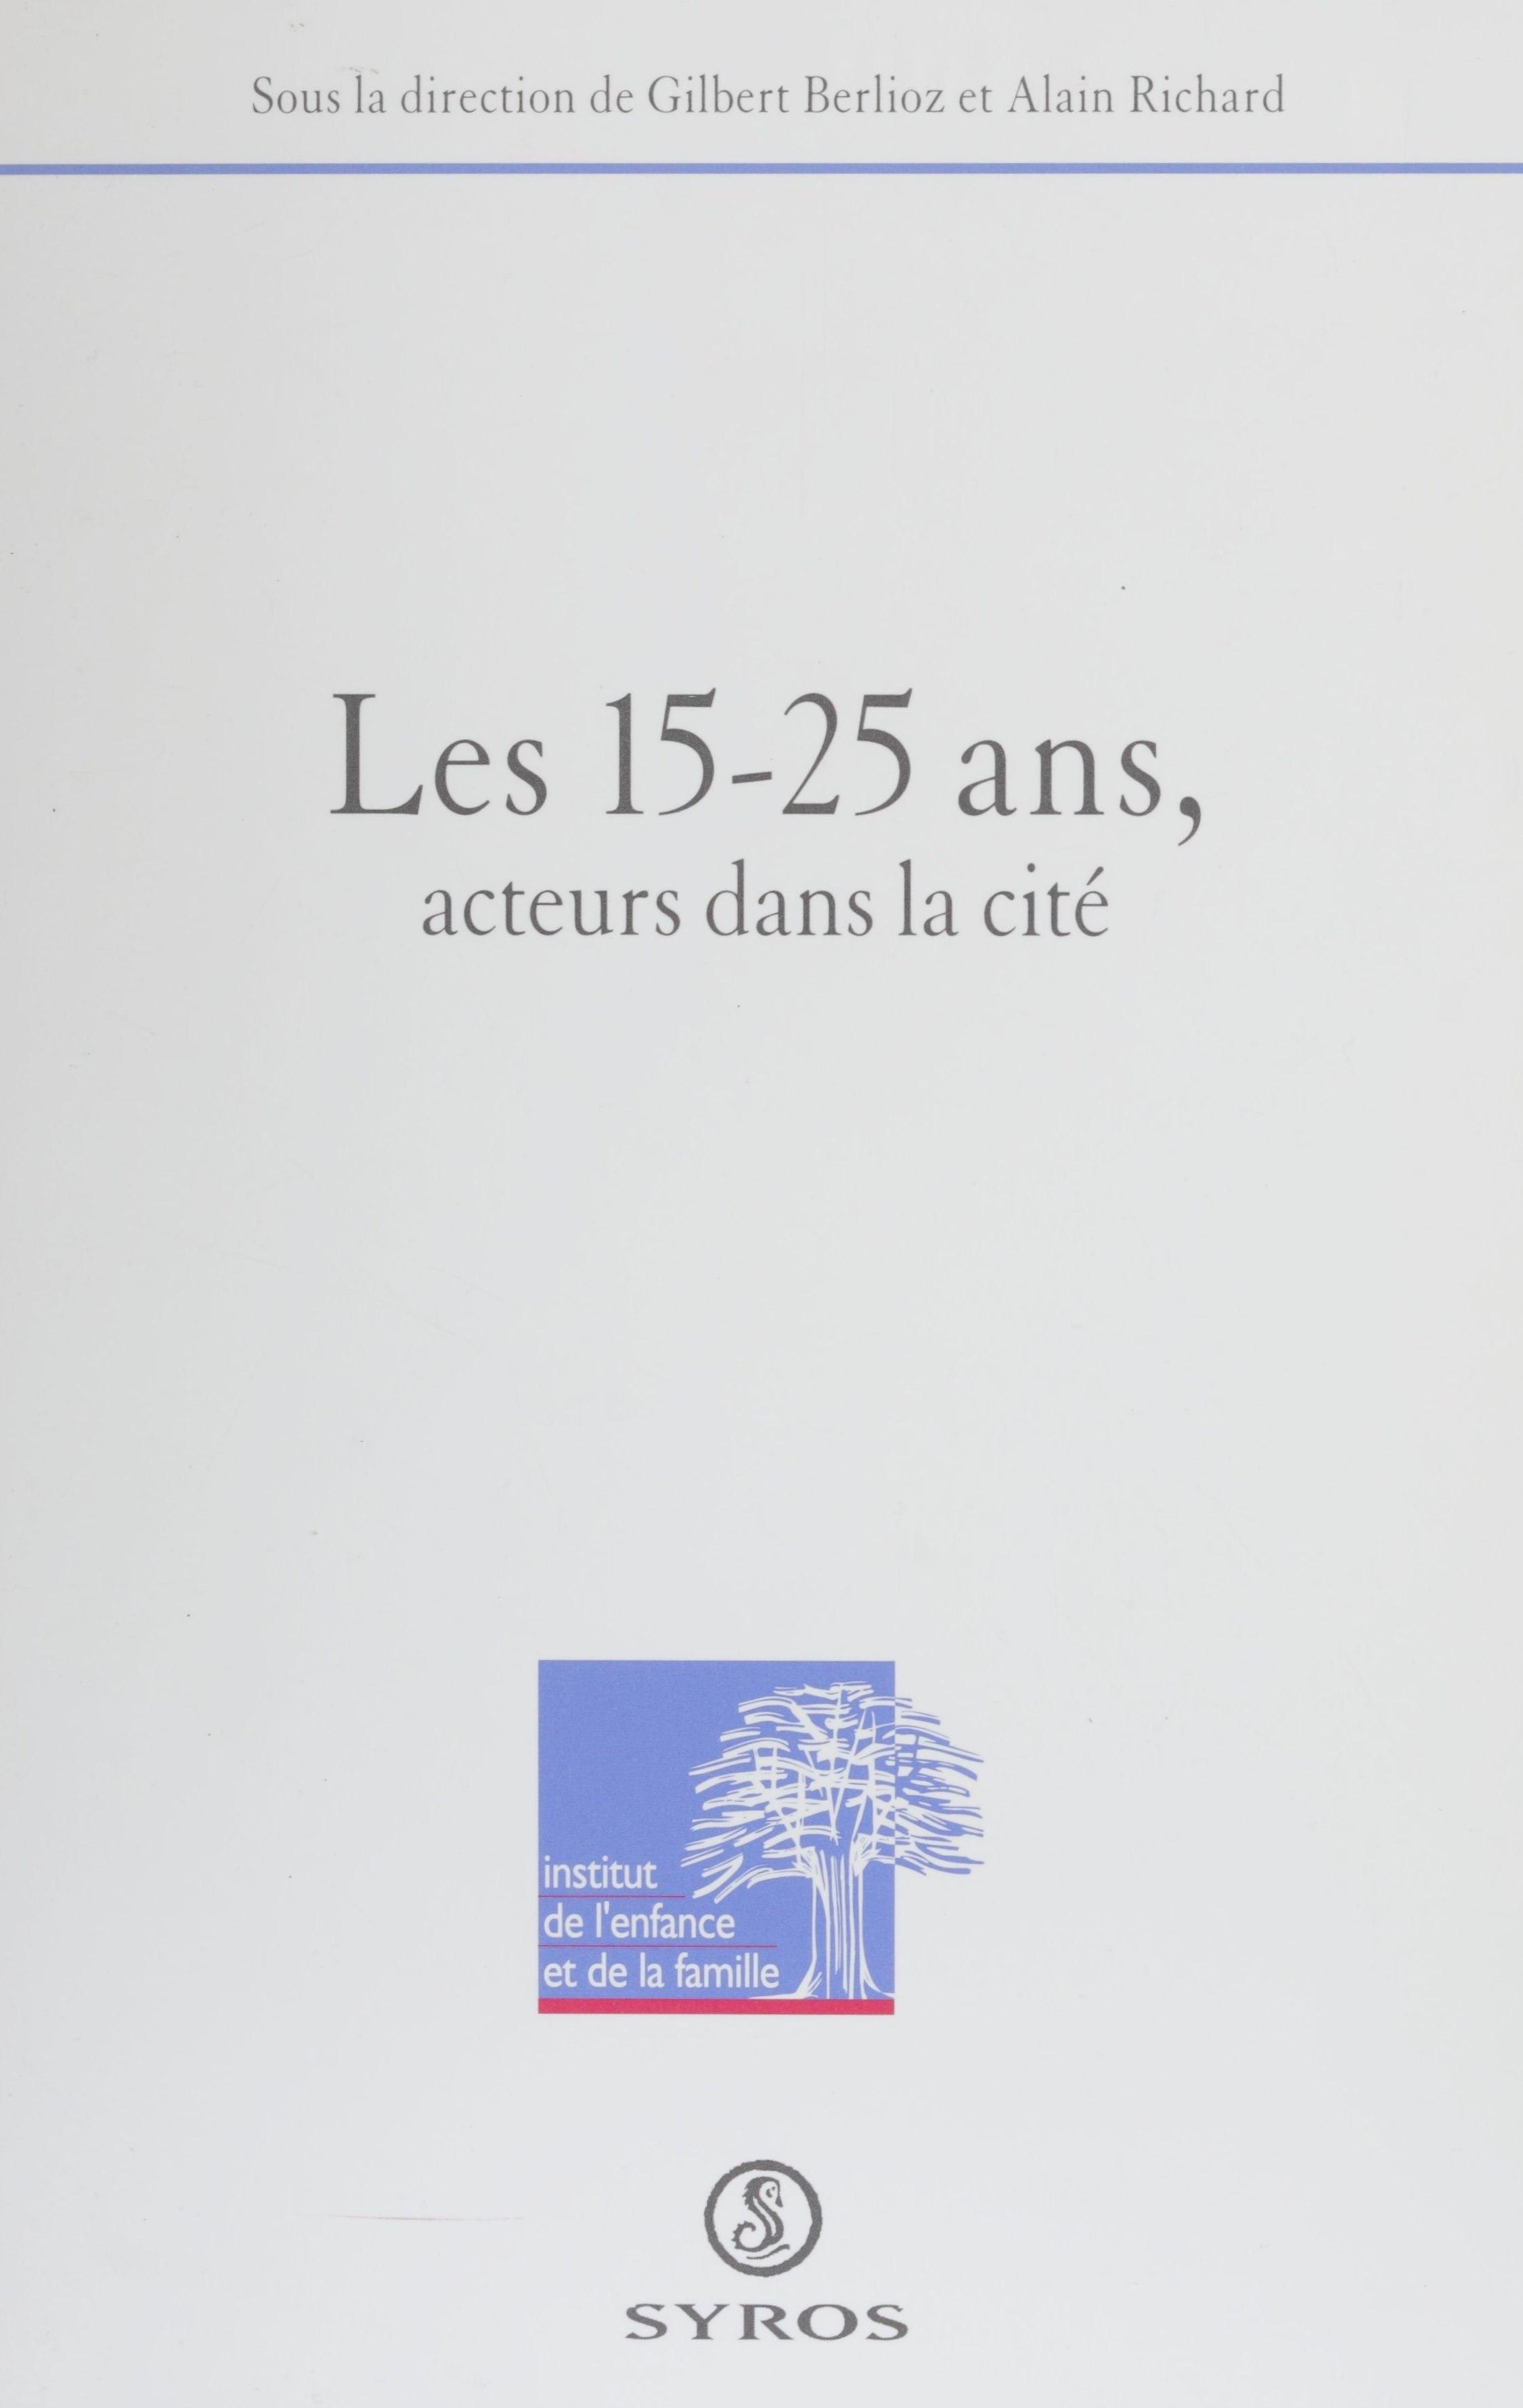 Les 15-25 ans, acteurs dans la cité, Colloque, janvier 1994, Grenoble